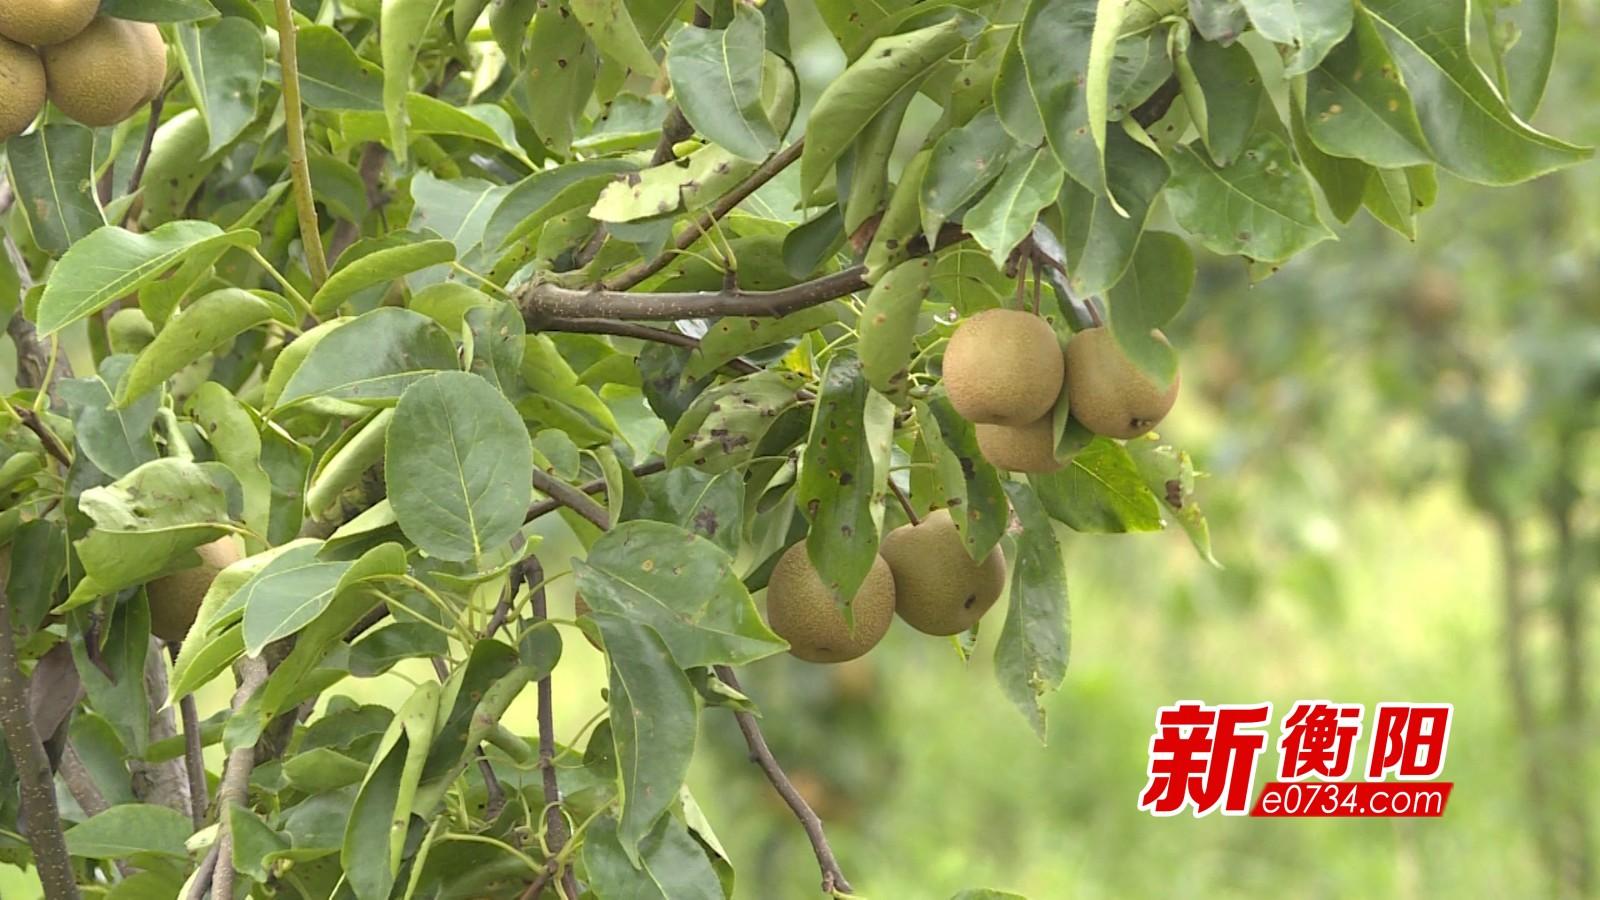 打赢脱贫攻坚战:衡南县贫困户家门口就业勤劳致富